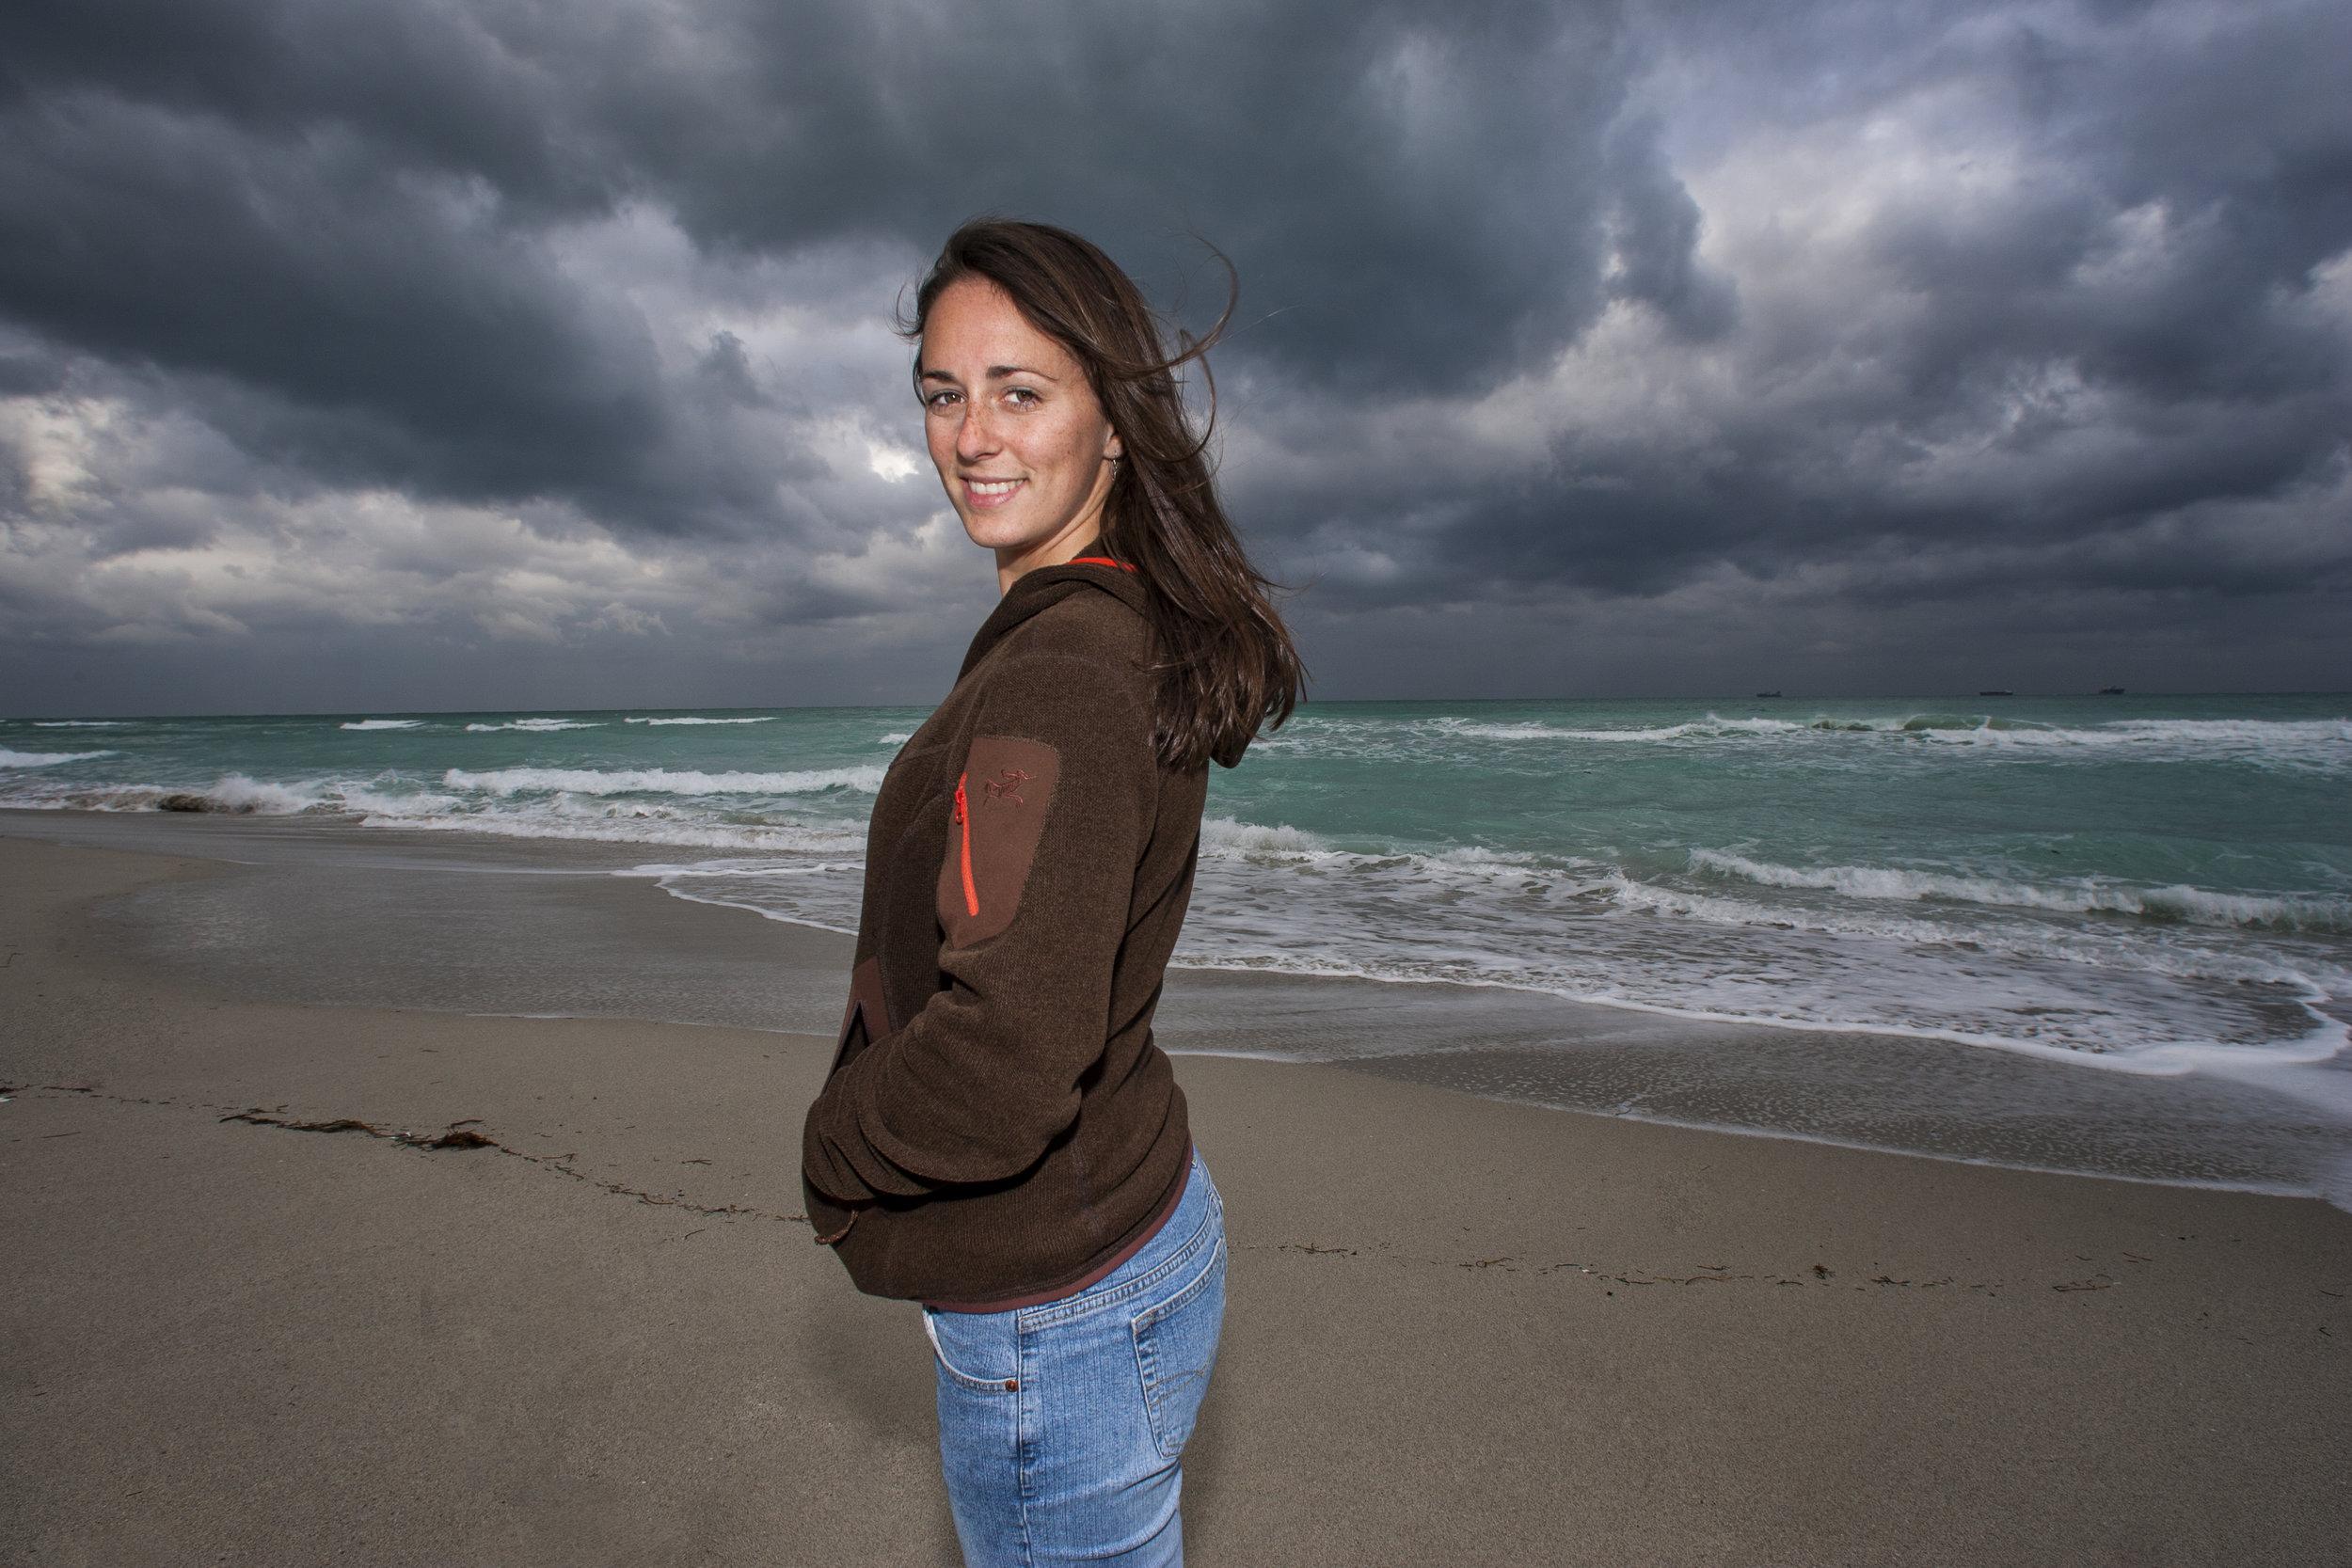 Miami Beach in 2008